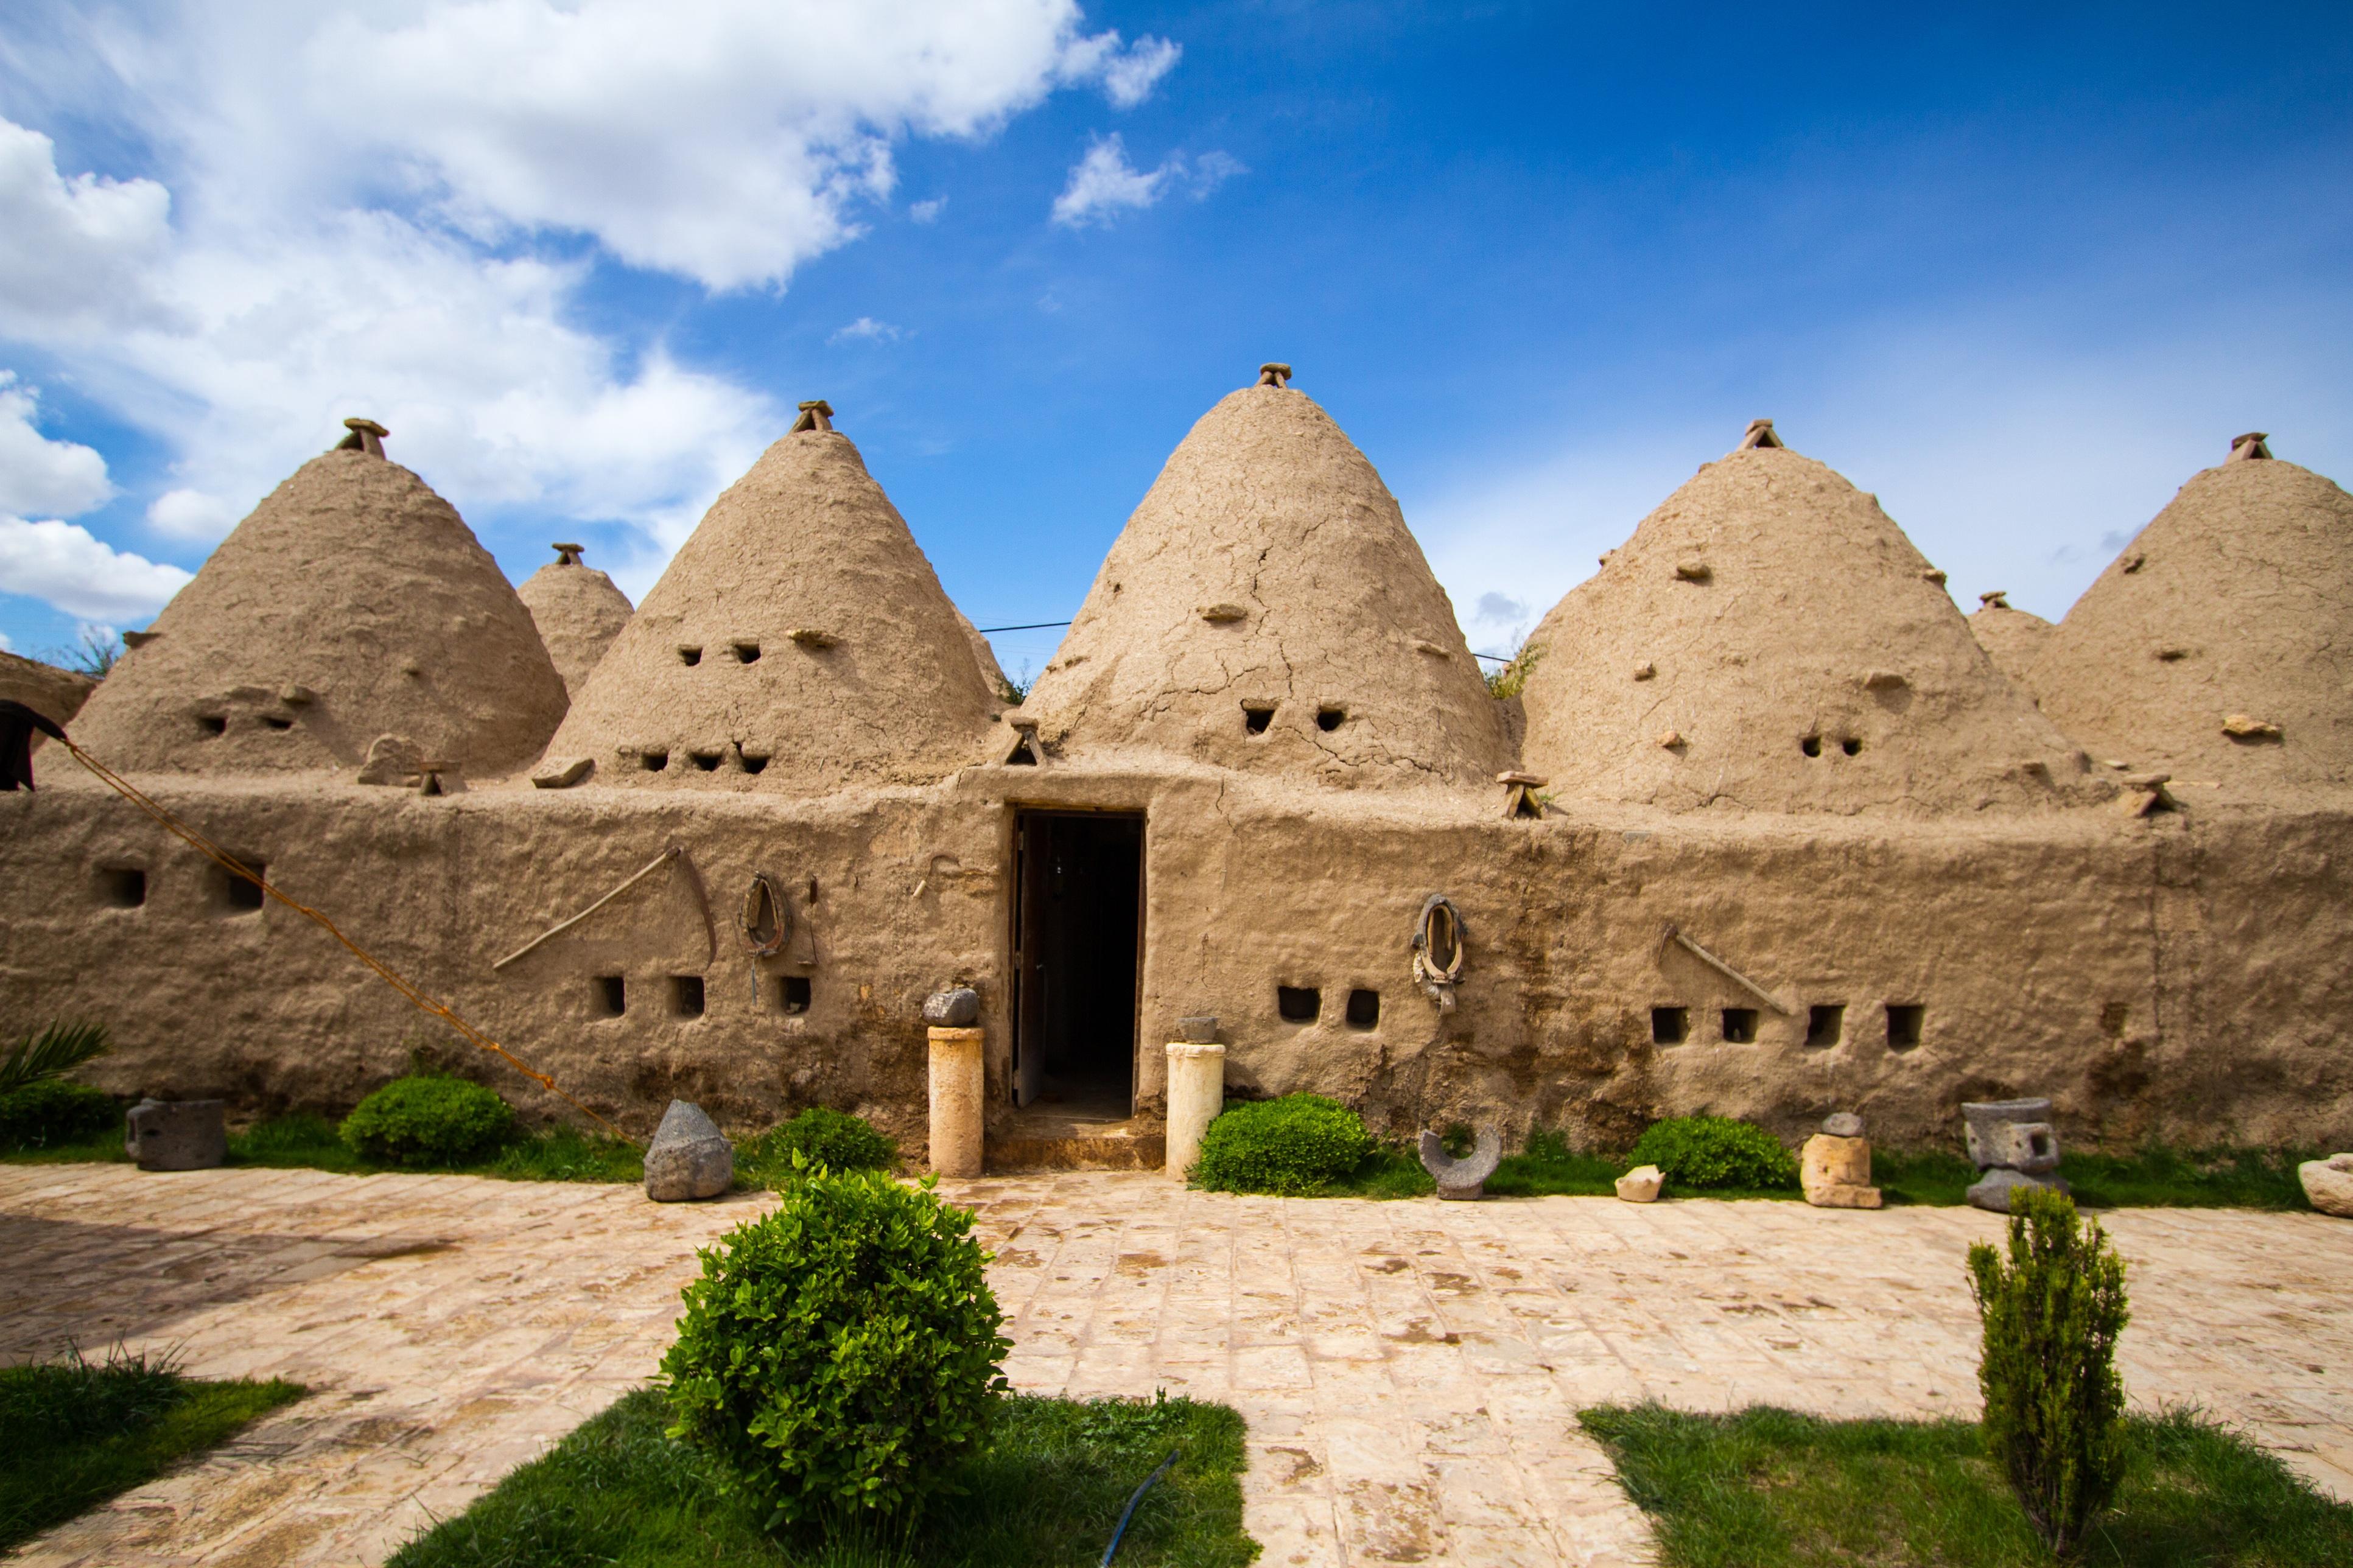 Bijenhuizen in Harran, Turkije